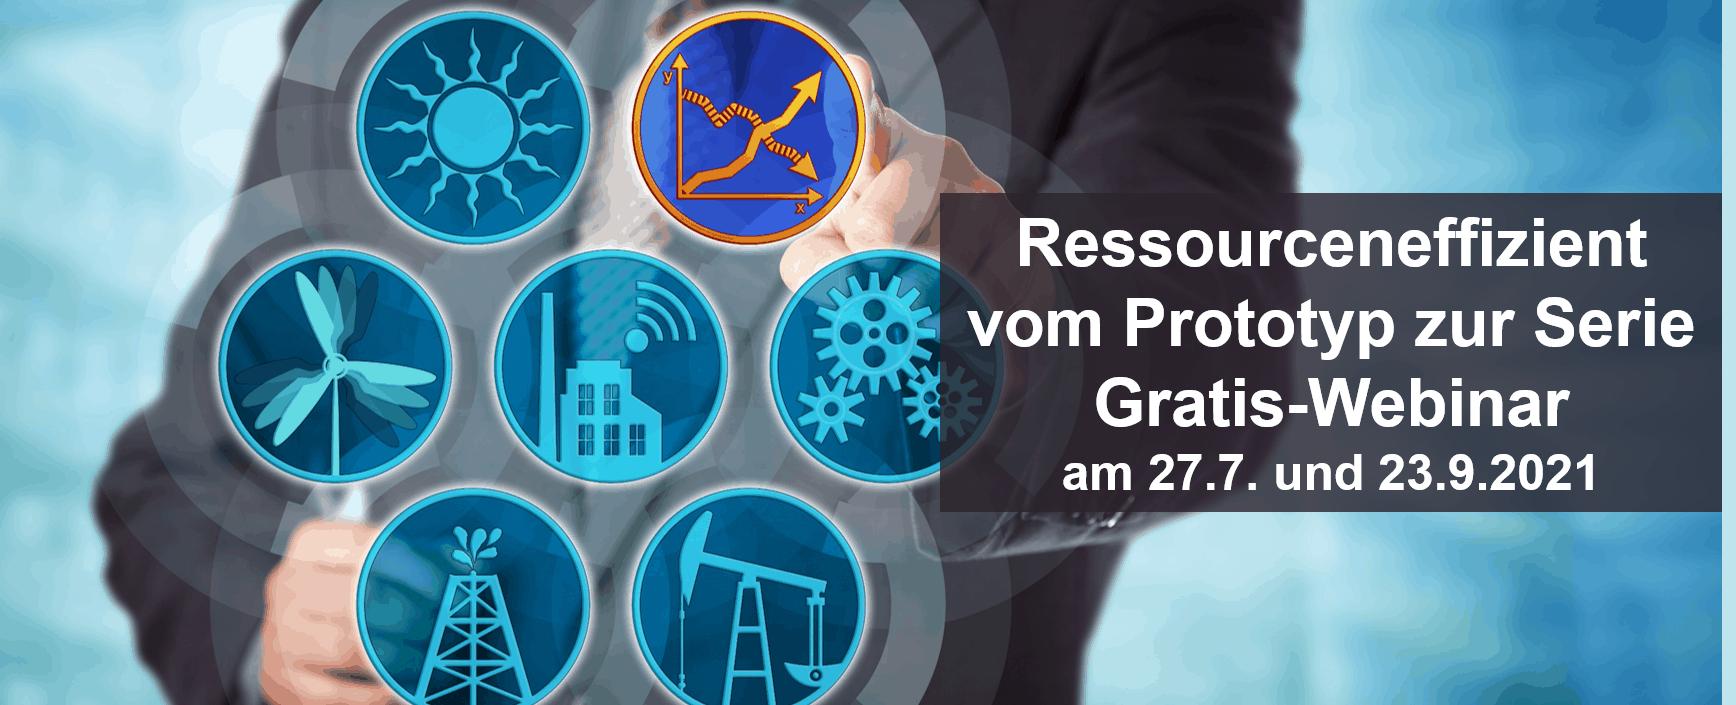 Ressourceneffizient vom Prototyp zur Serie – Gratis-Webinar am 27.7. und 23.9.2021